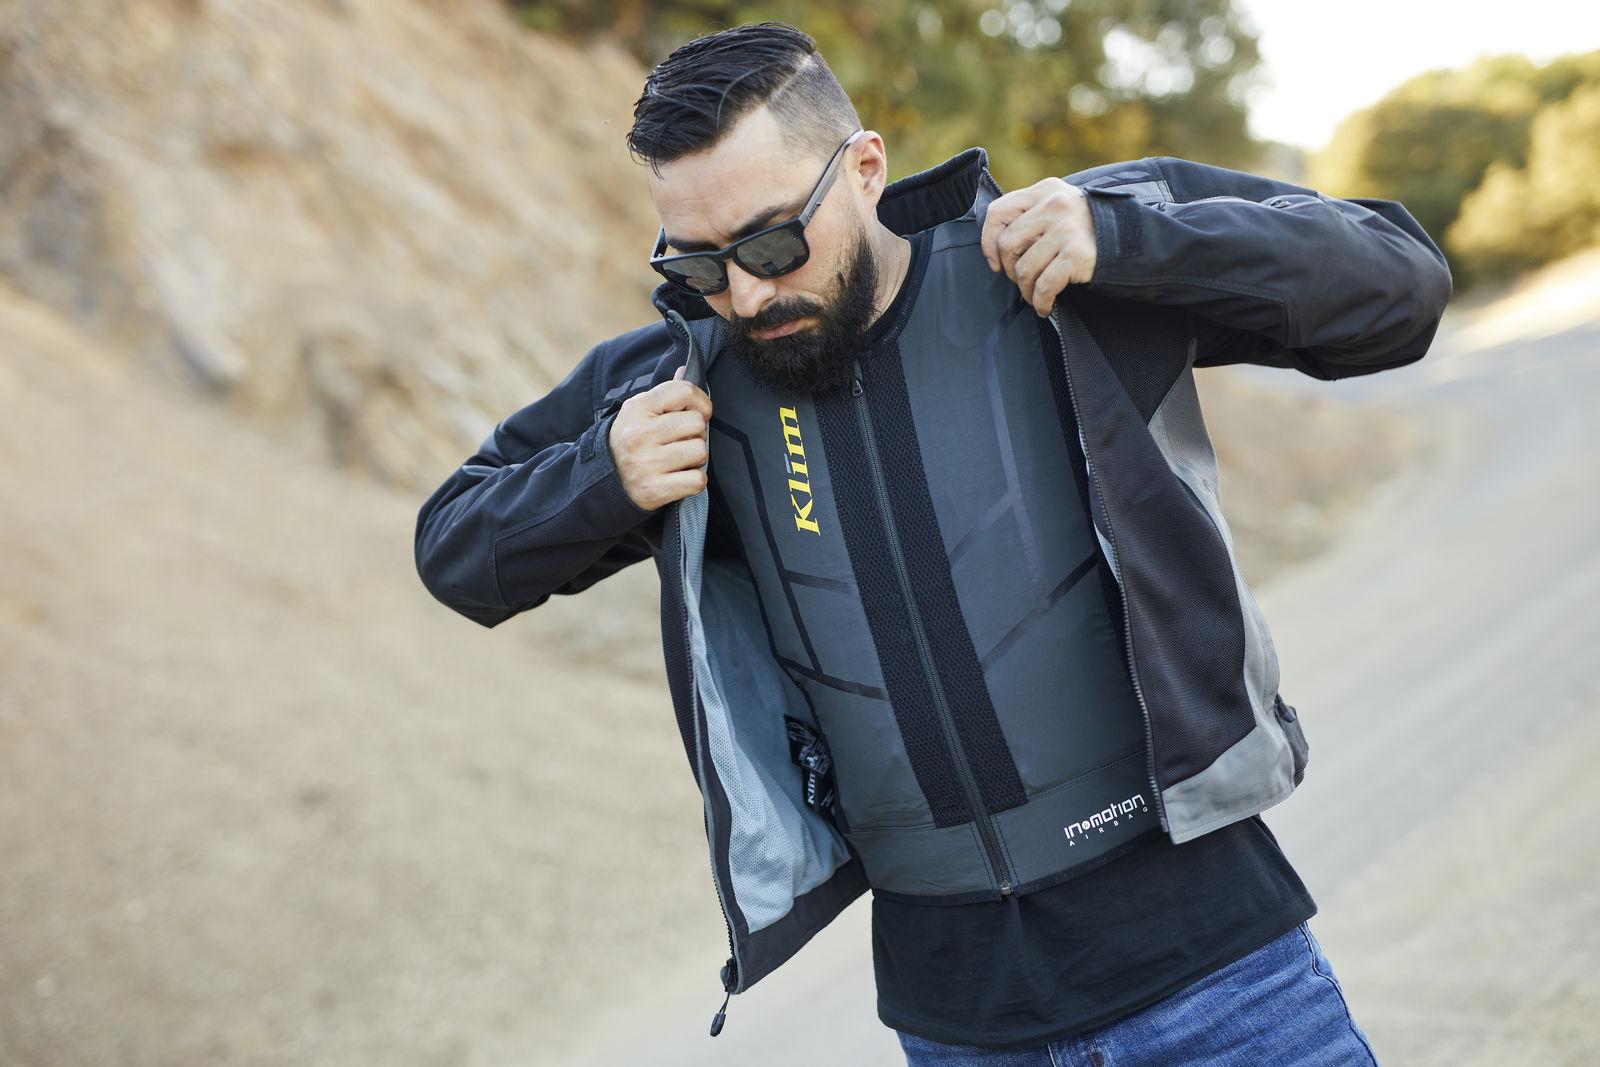 Появился защитный жилет для мотоциклистов с подушкой безопасности. Но она работает по подписке